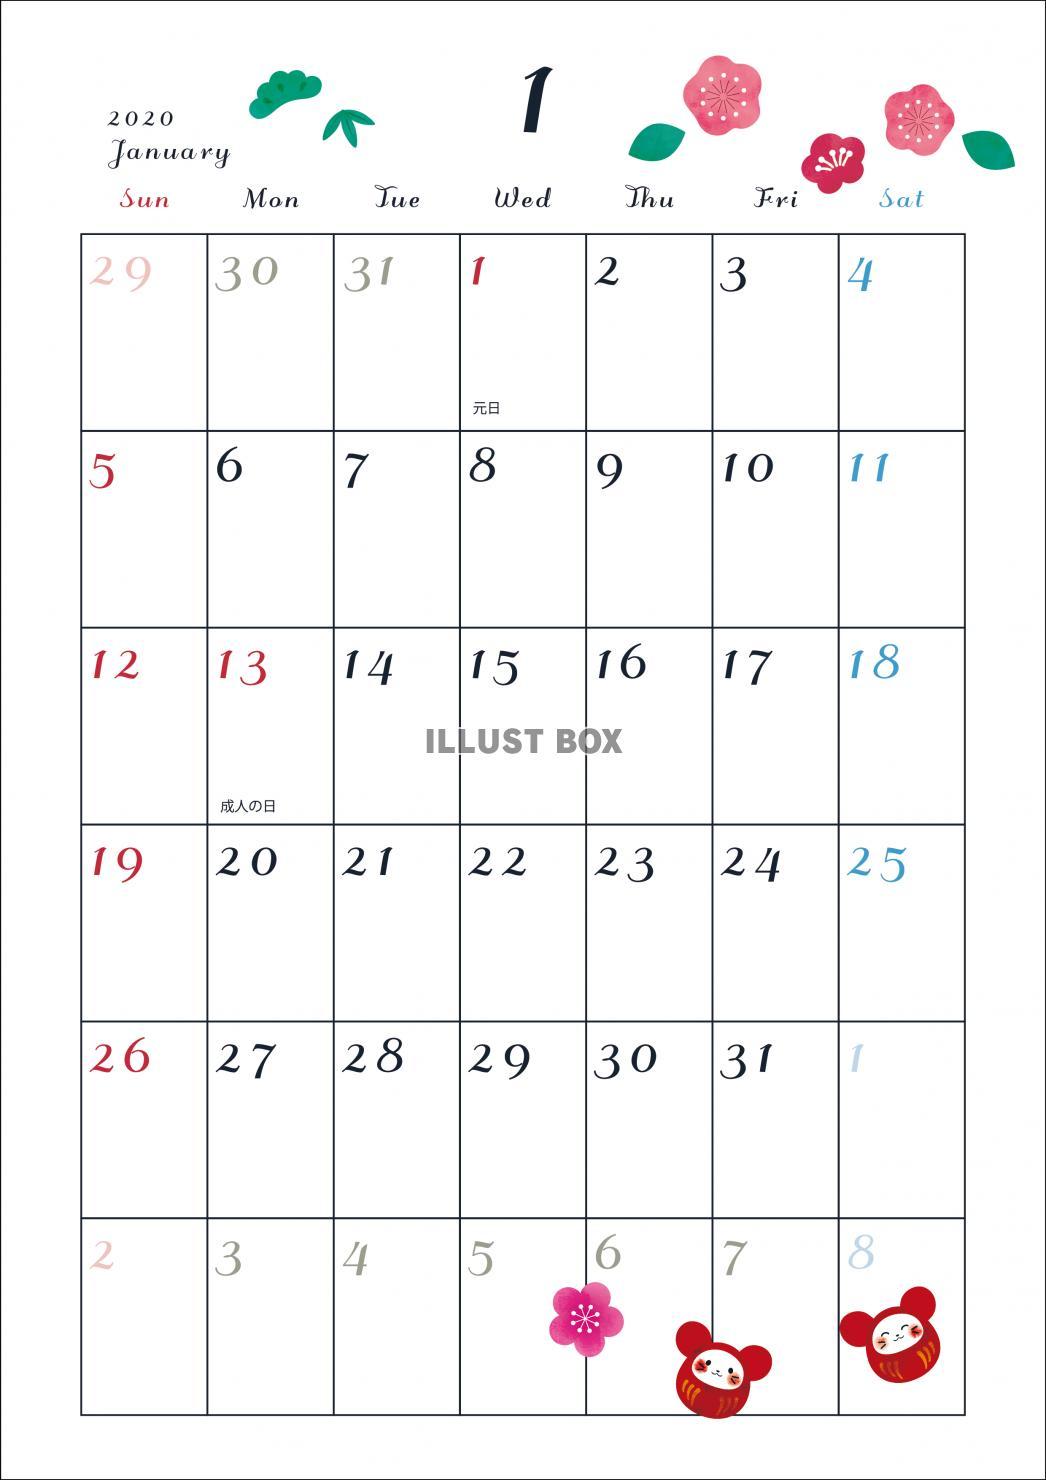 無料イラスト 2020年 カレンダー 1月縦型 月イメージイラスト